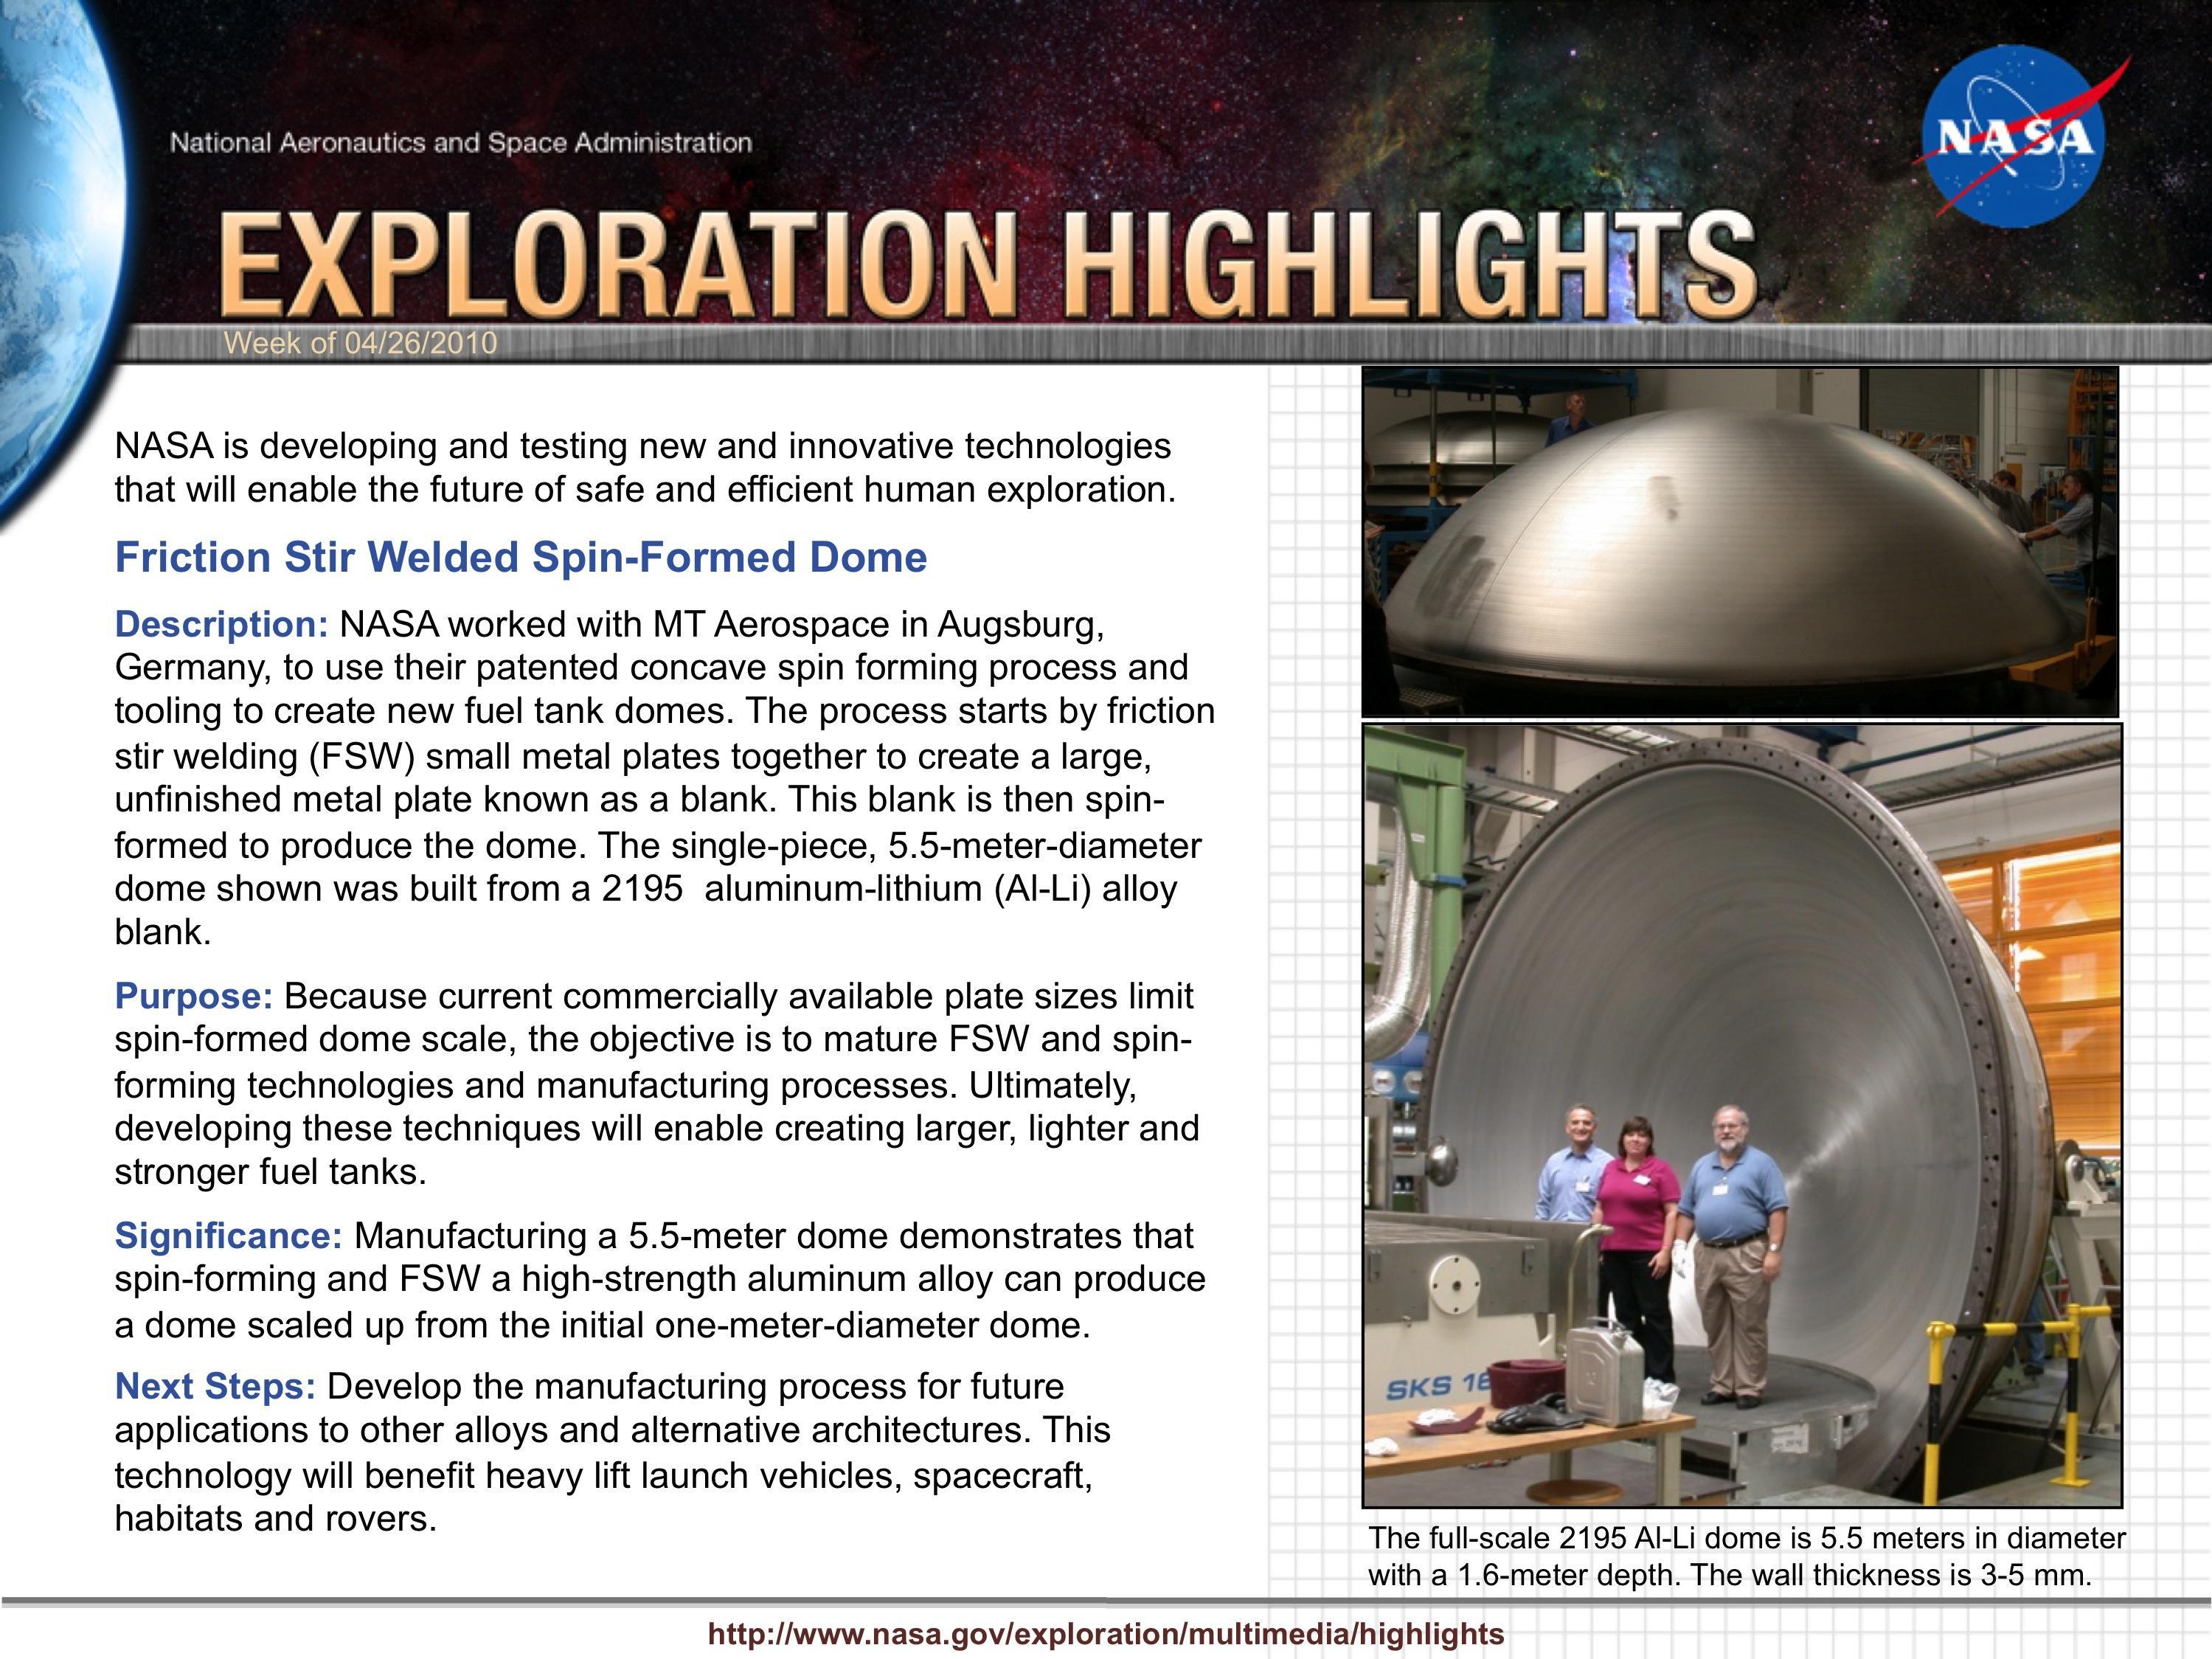 Friction Stir Welding >> NASA - Friction Stir Welded Spin-Formed Dome